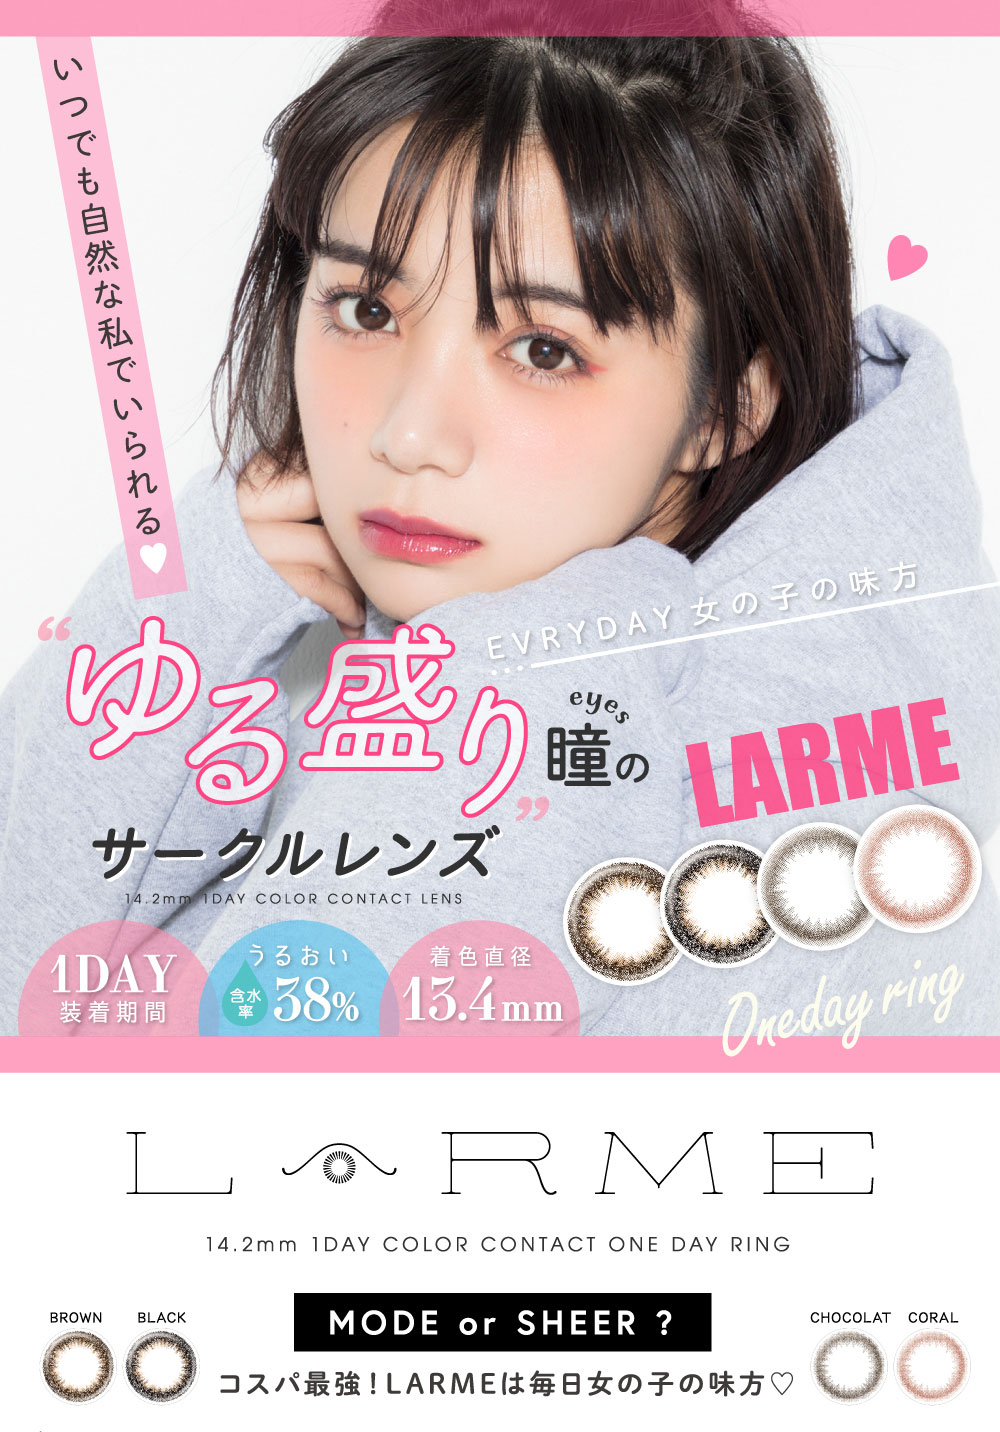 ゆる盛り瞳のサークルレンズ LARME Oneday ring